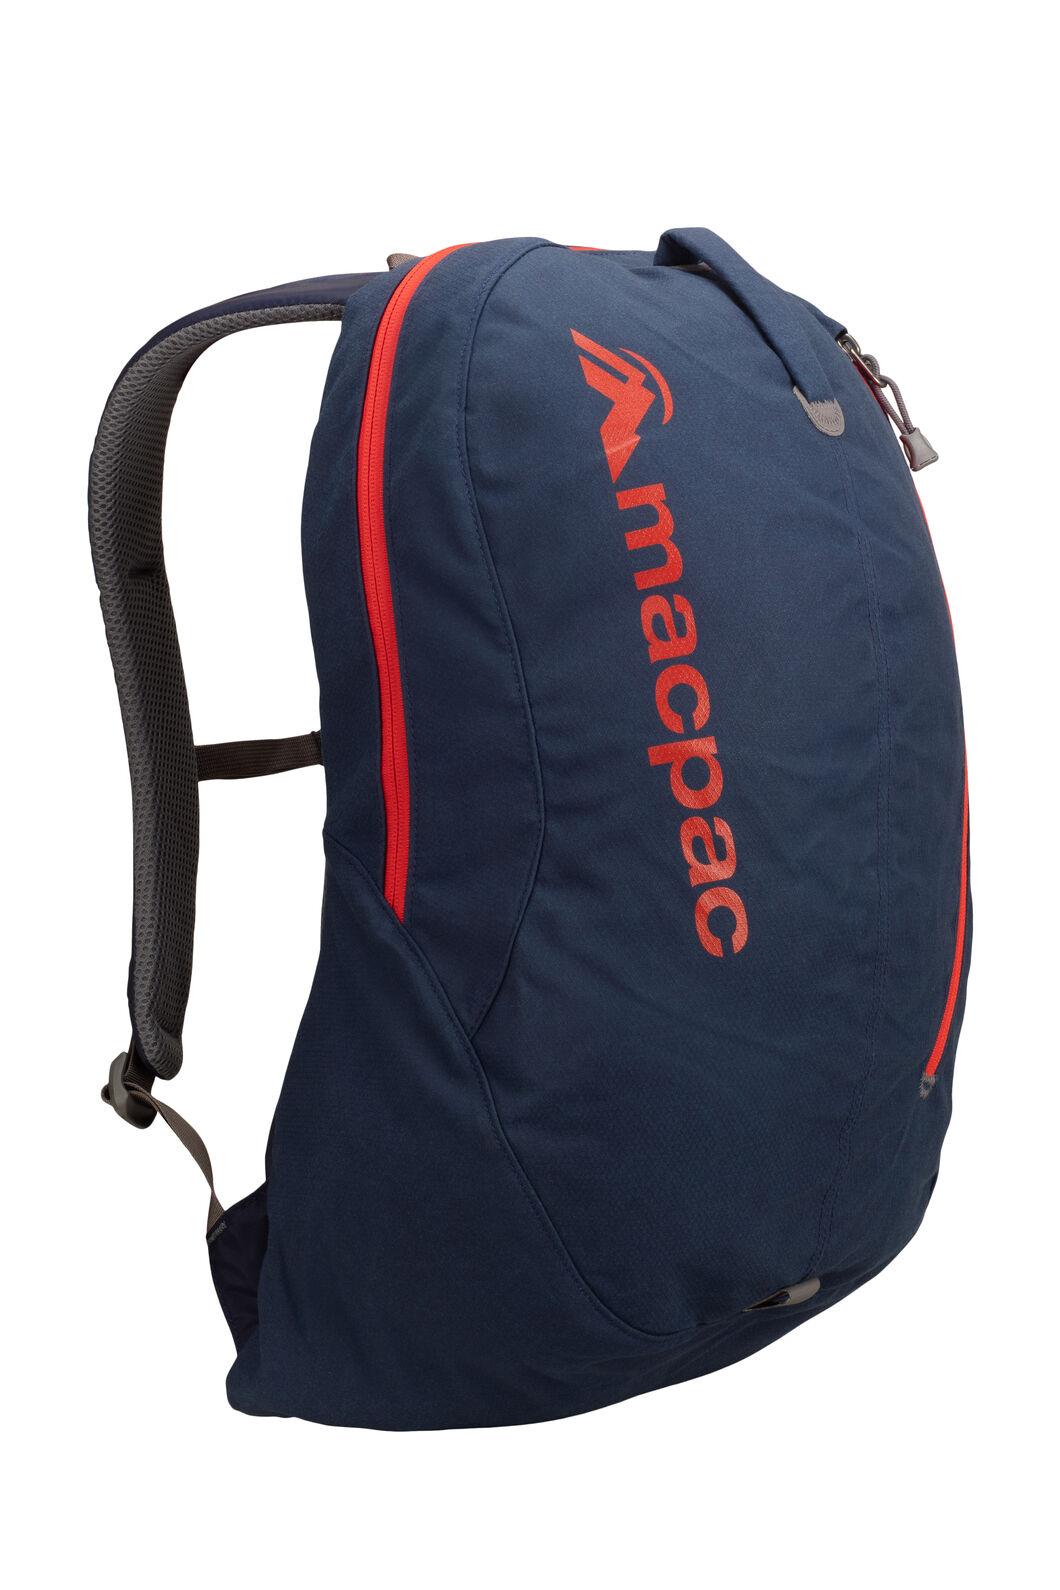 Macpac Kahu AzTec® 22L Backpack, Black Iris/Orange, hi-res